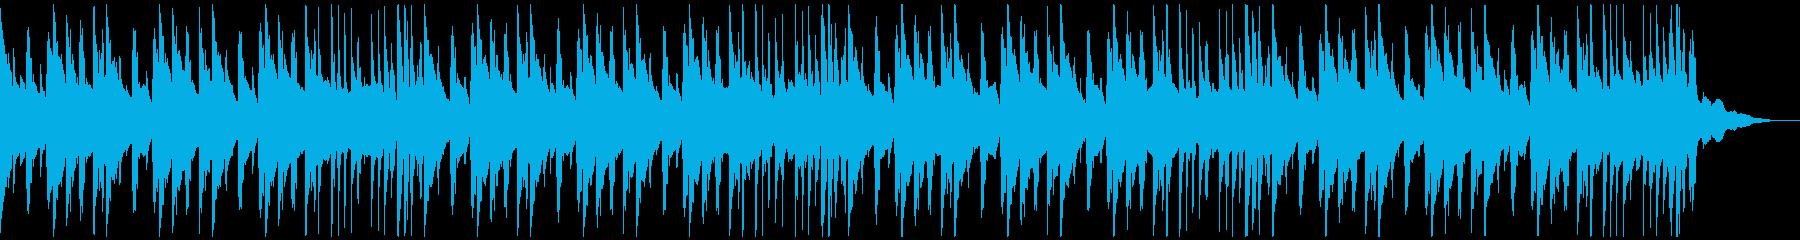 クイズシンキングタイム シンプルリズムの再生済みの波形